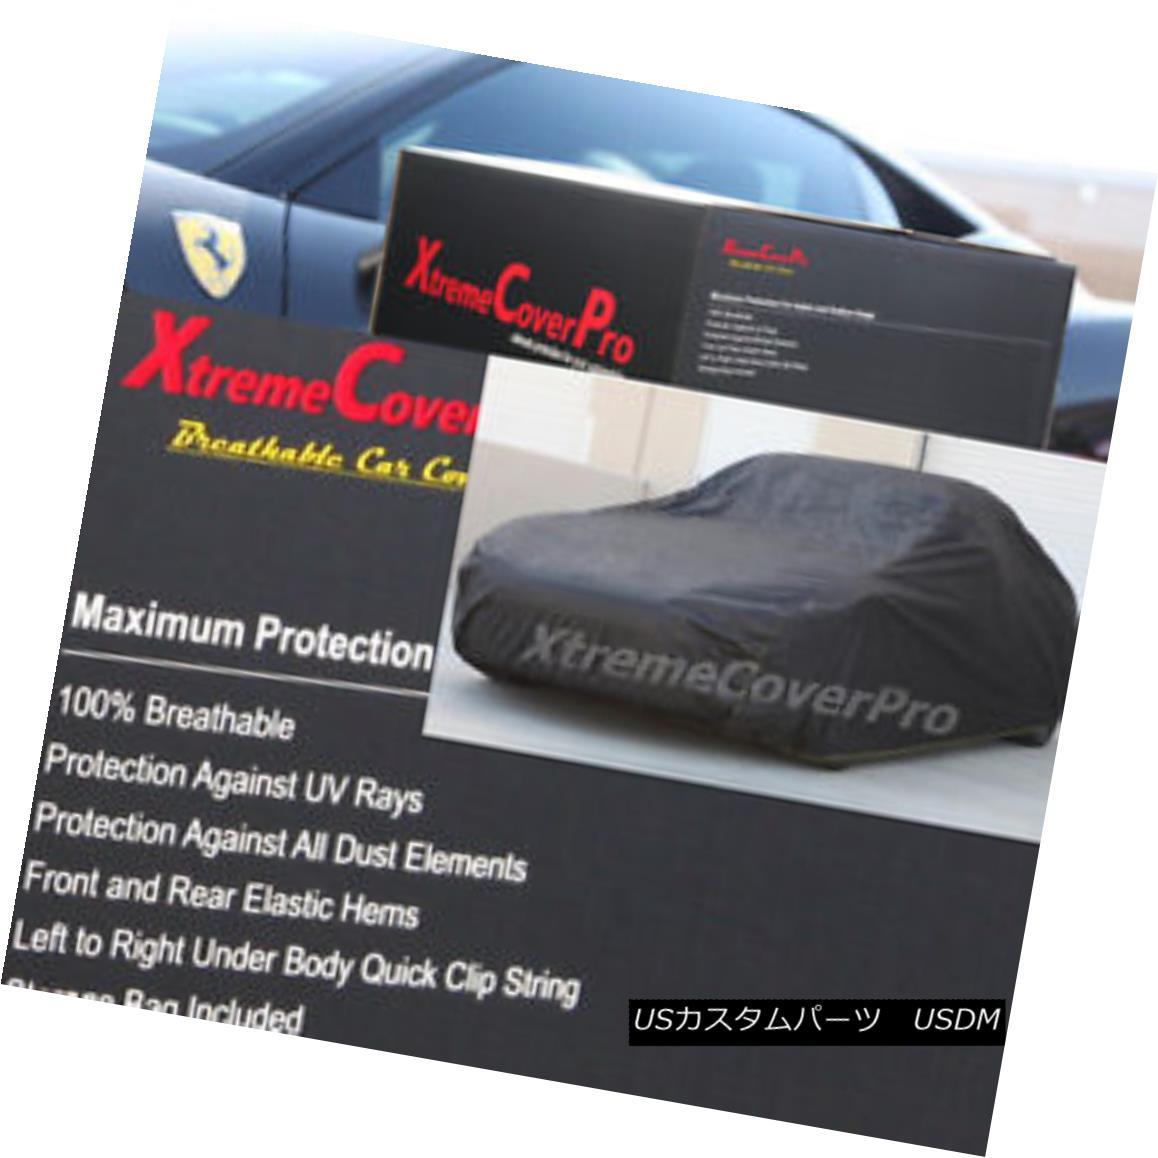 カーカバー 2013 Mazda MX-5 Miata Breathable Car Cover 2013 Mazda MX-5 Miata通気性車カバー